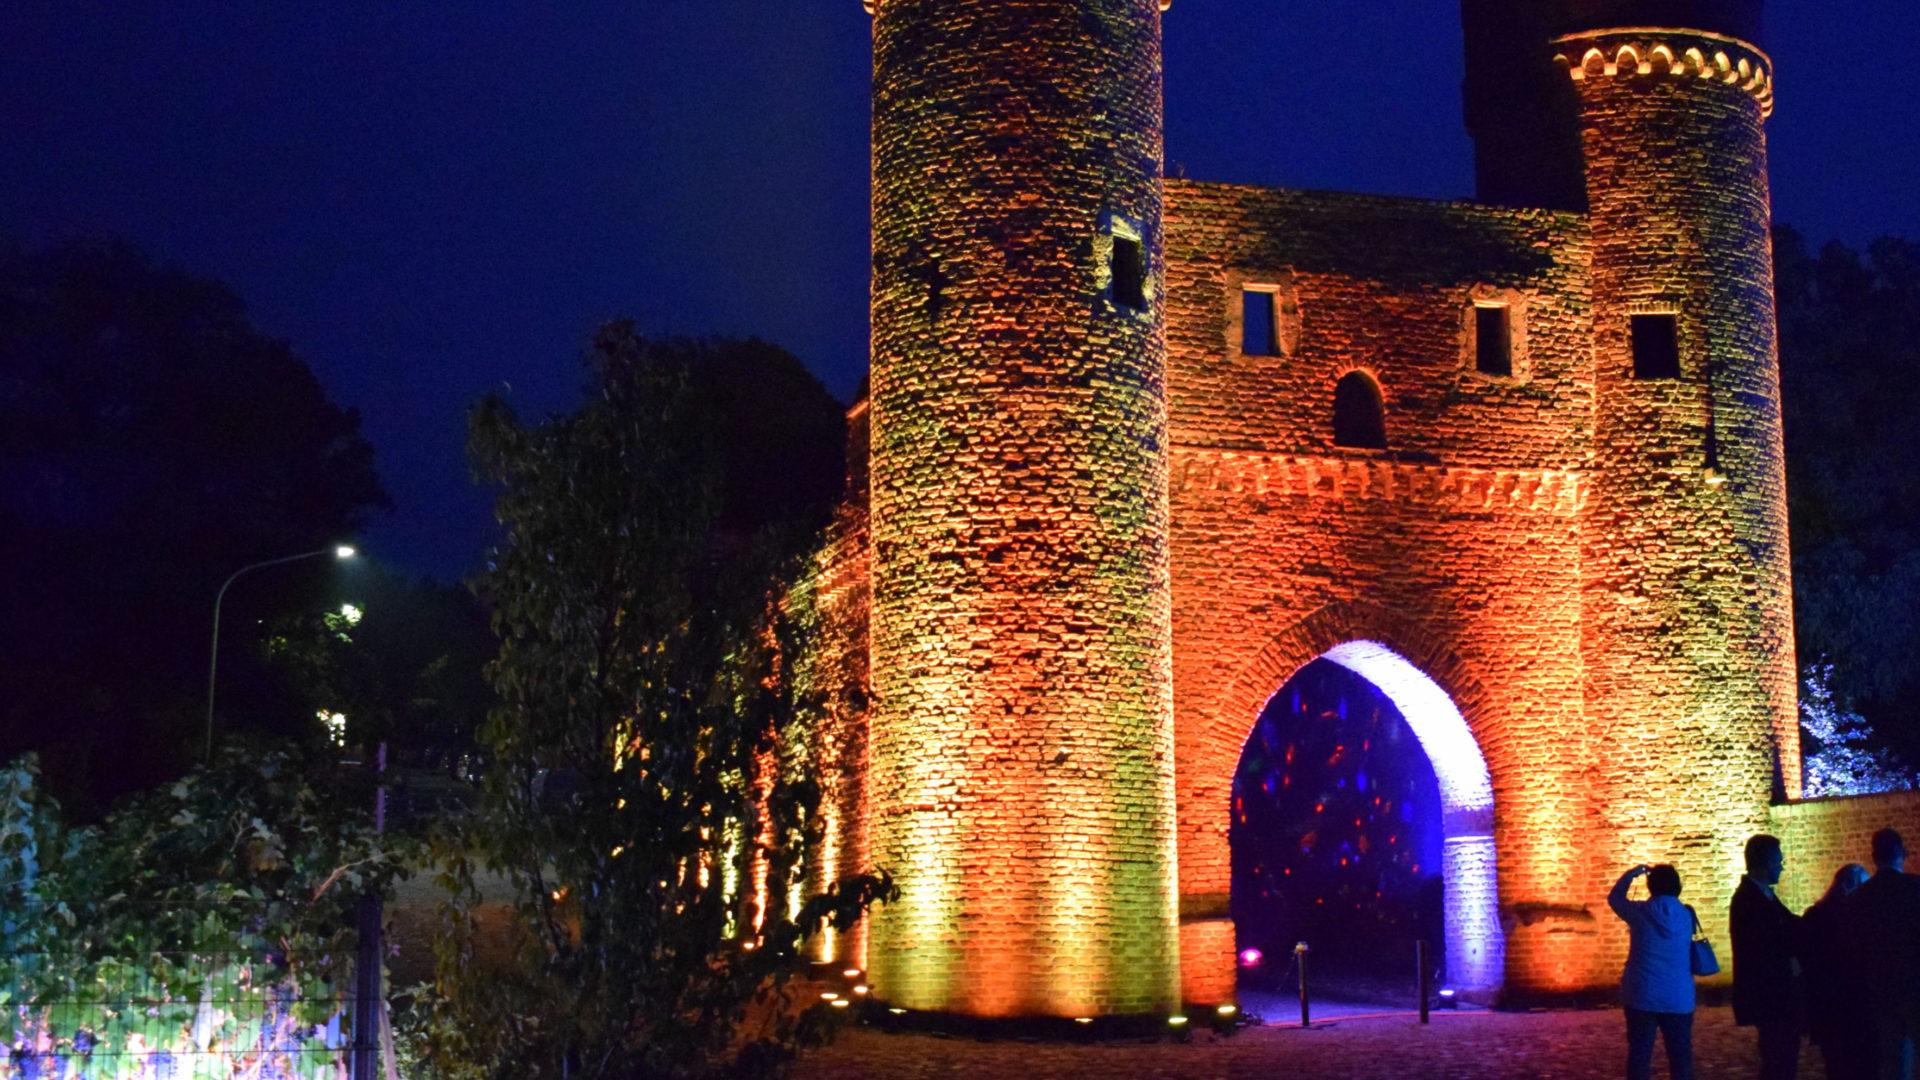 Rheinischer Kultursommer, Leuchtende Gärten Zülpich, Seepark Zülpich, © Jennifer Held